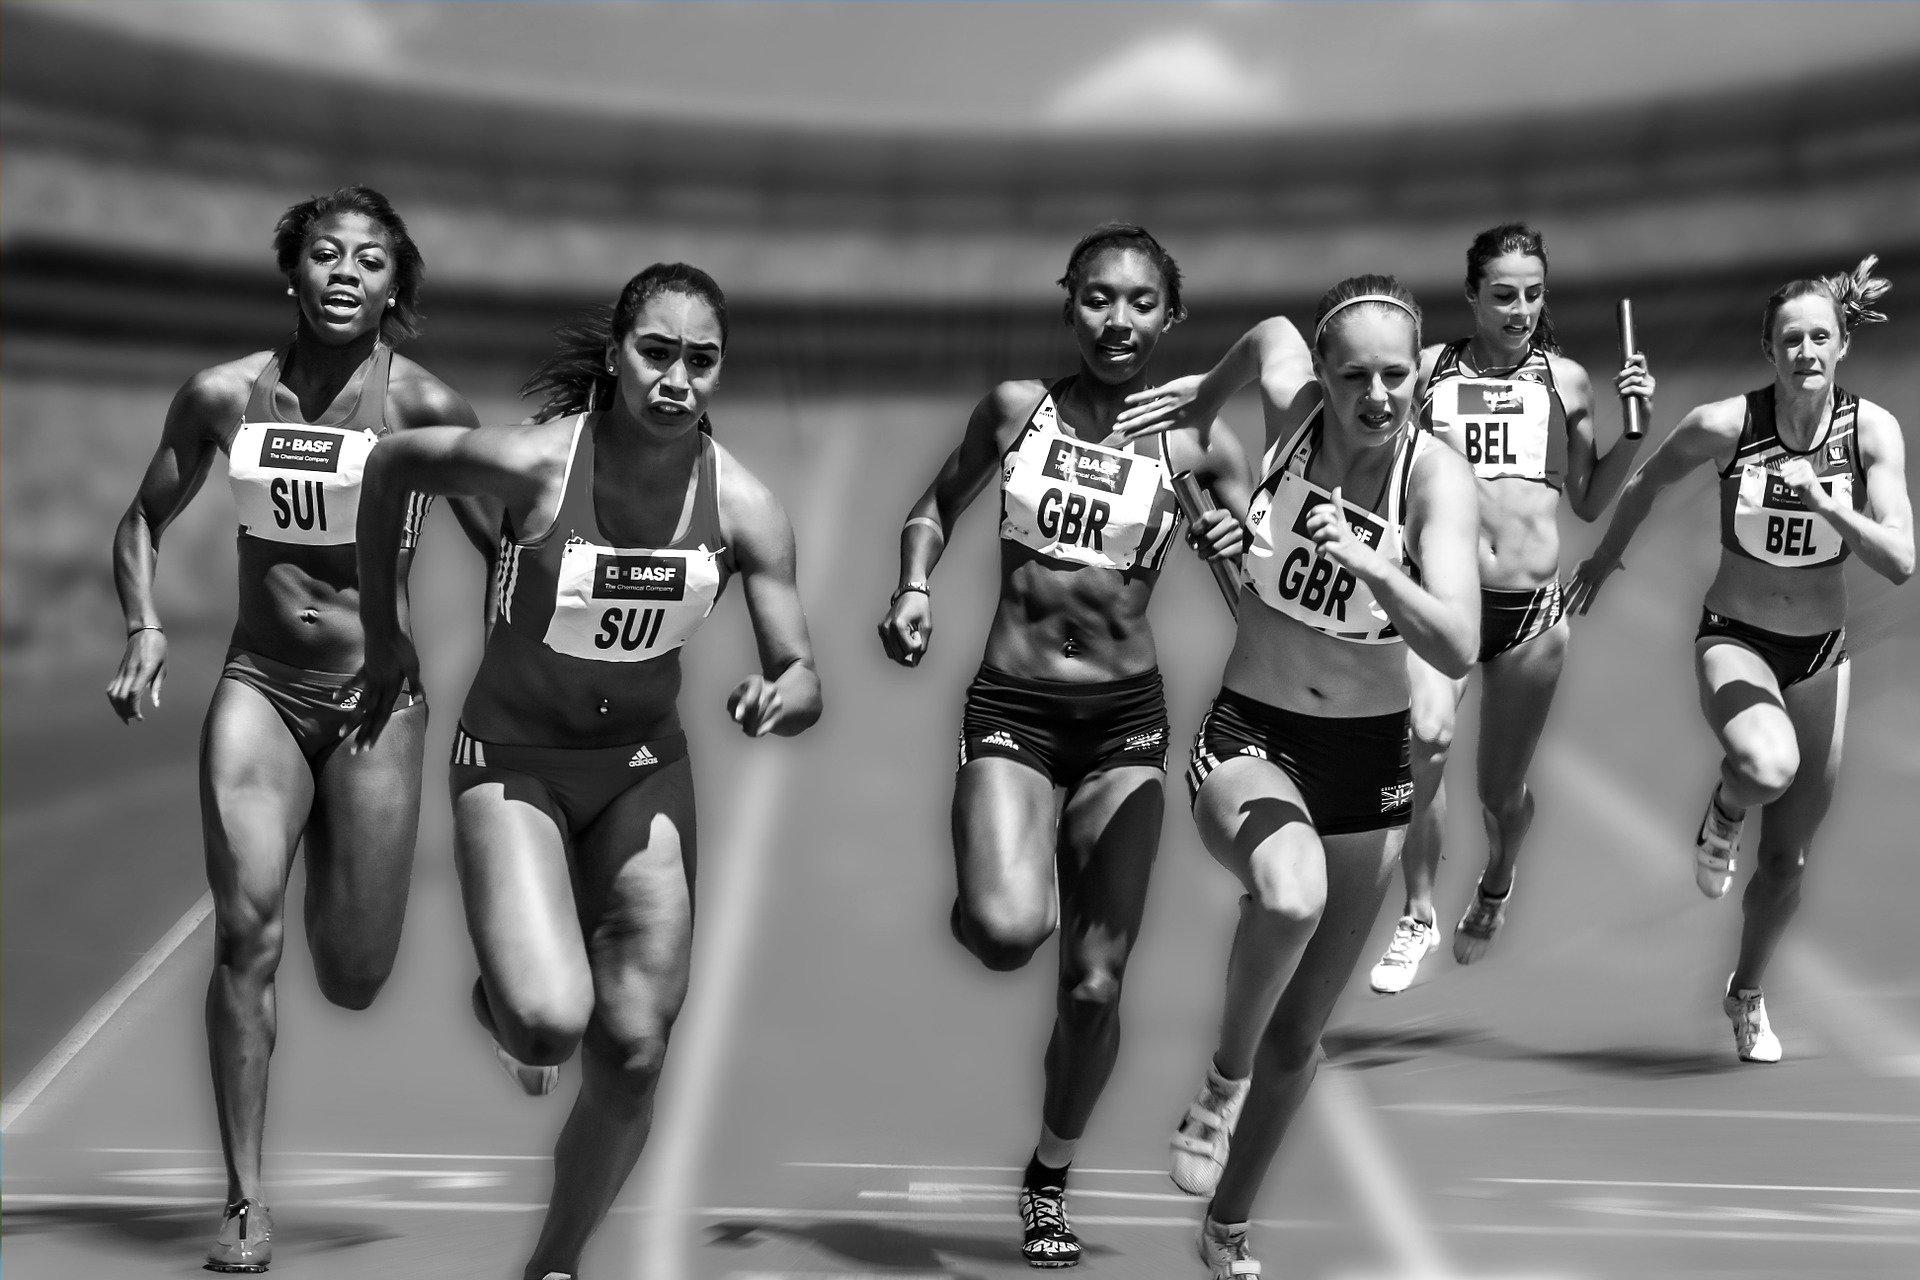 Wird das genetische screening von Athleten wechseln Sport für immer?